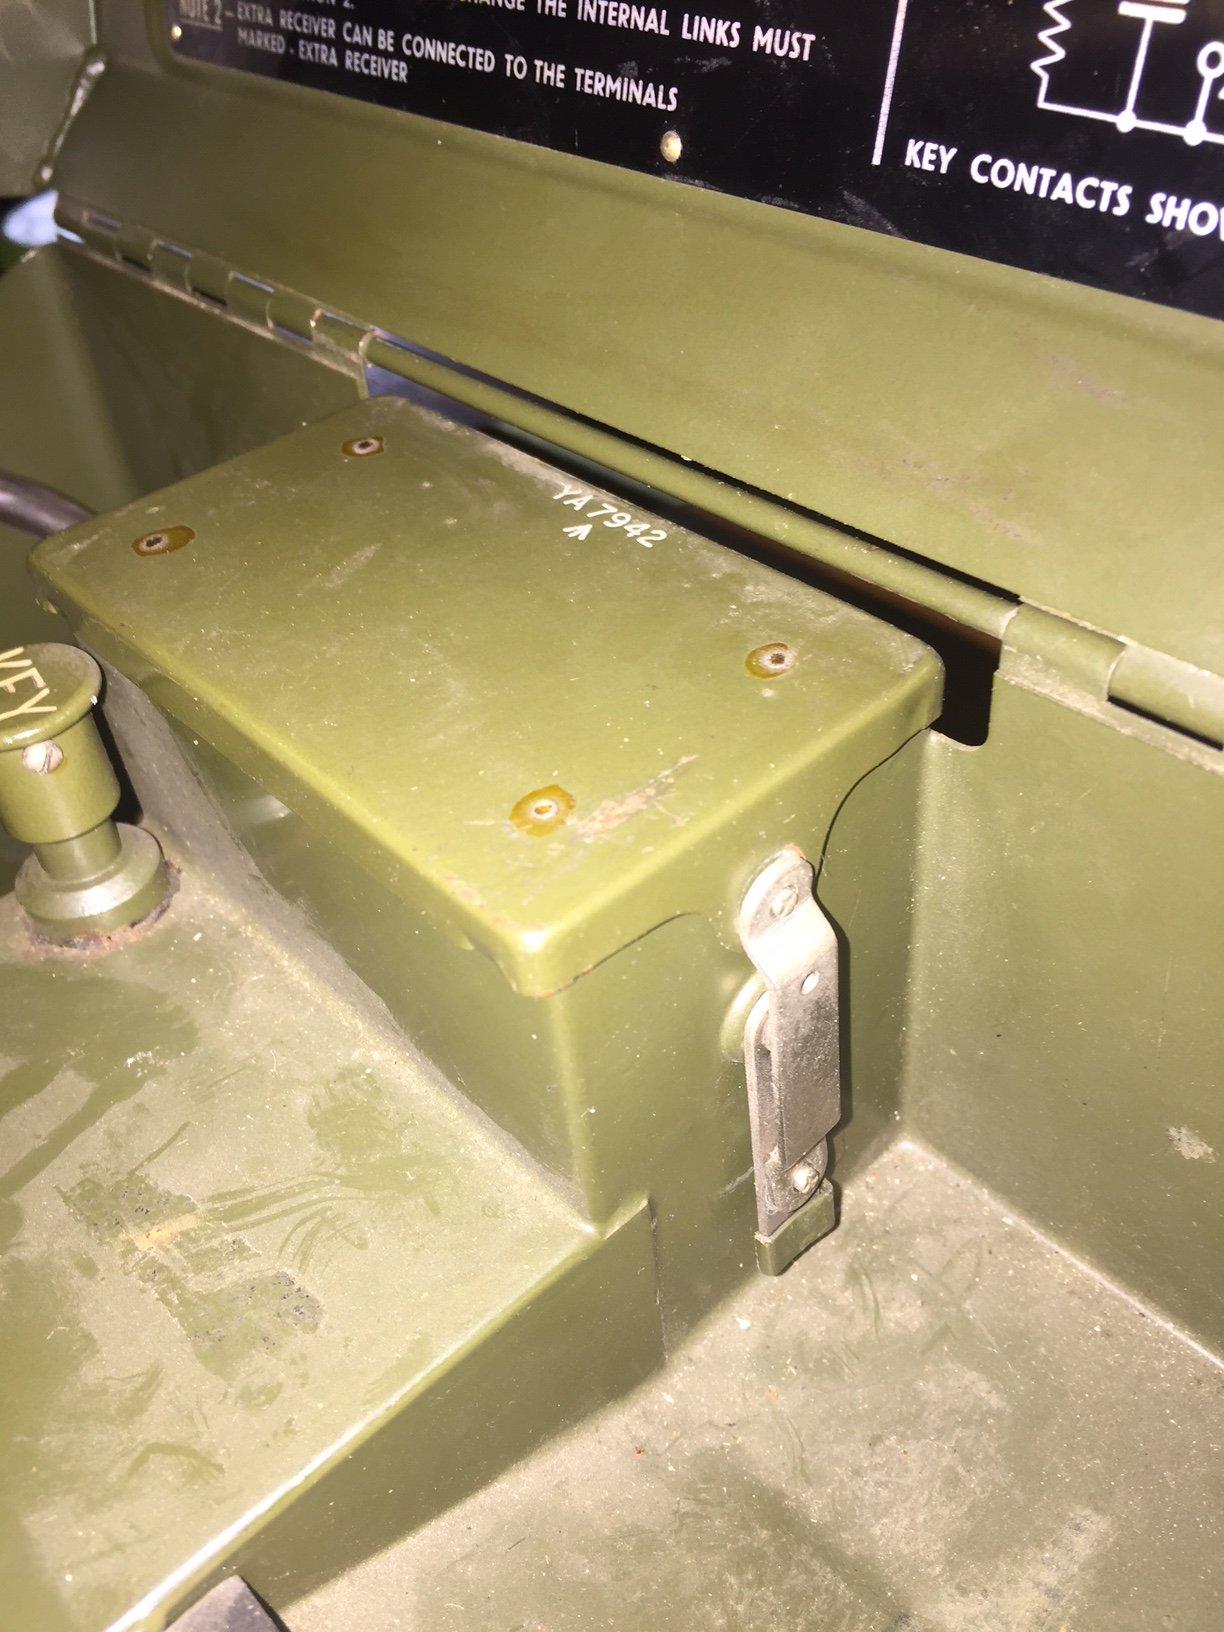 44C24CAB-9EF2-4AF3-A637-6FE58CF1E676.jpeg